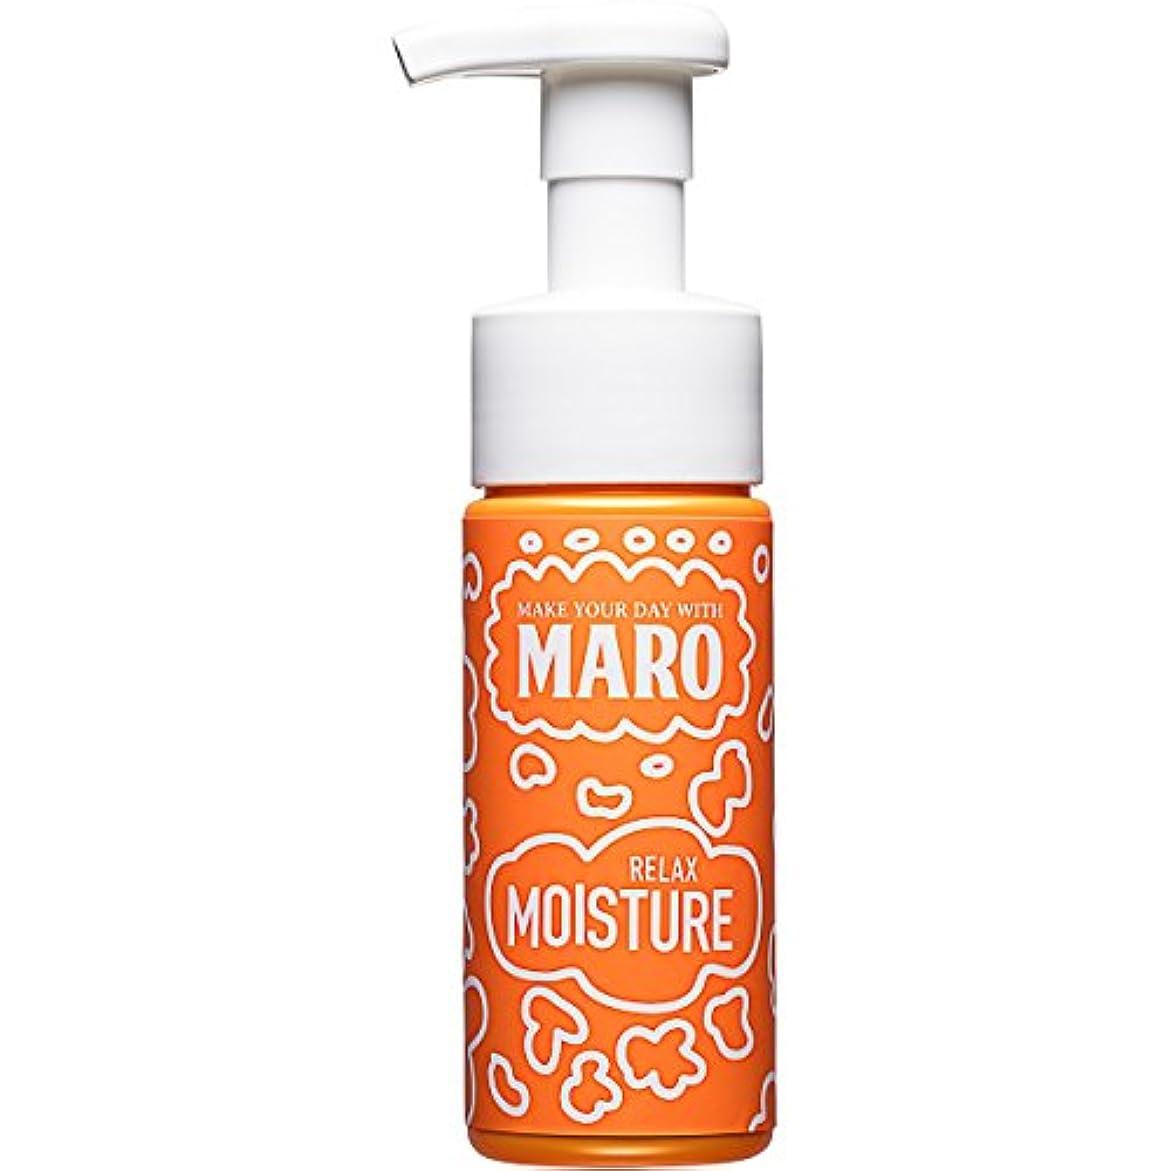 一貫した吐くおかしいMARO グルーヴィー 泡洗顔 リラックスモイスチャー 150ml